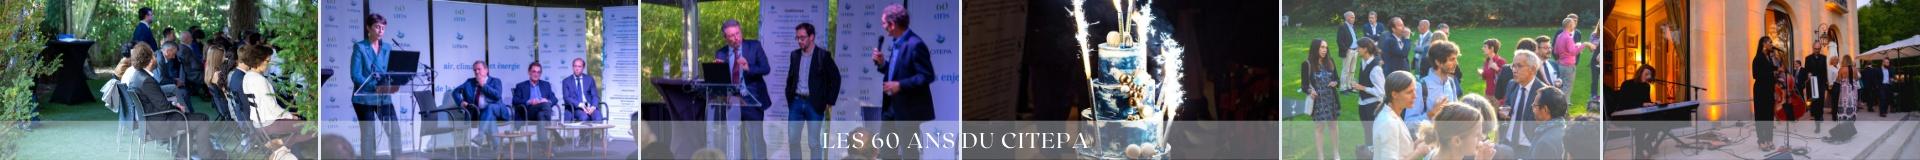 24 septembre 2021 : 60 ans du Citepa image